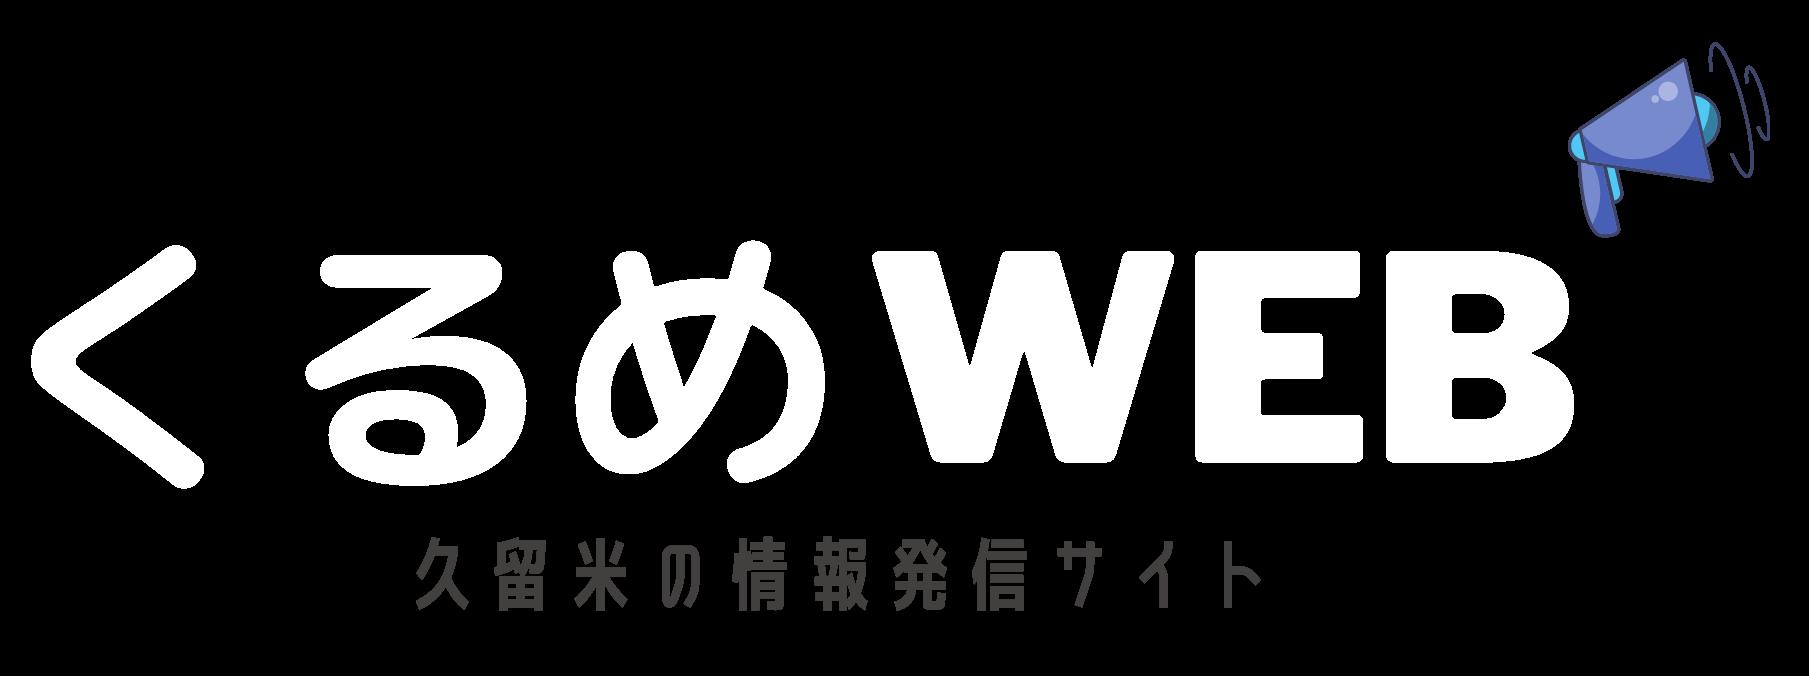 くるめWEB